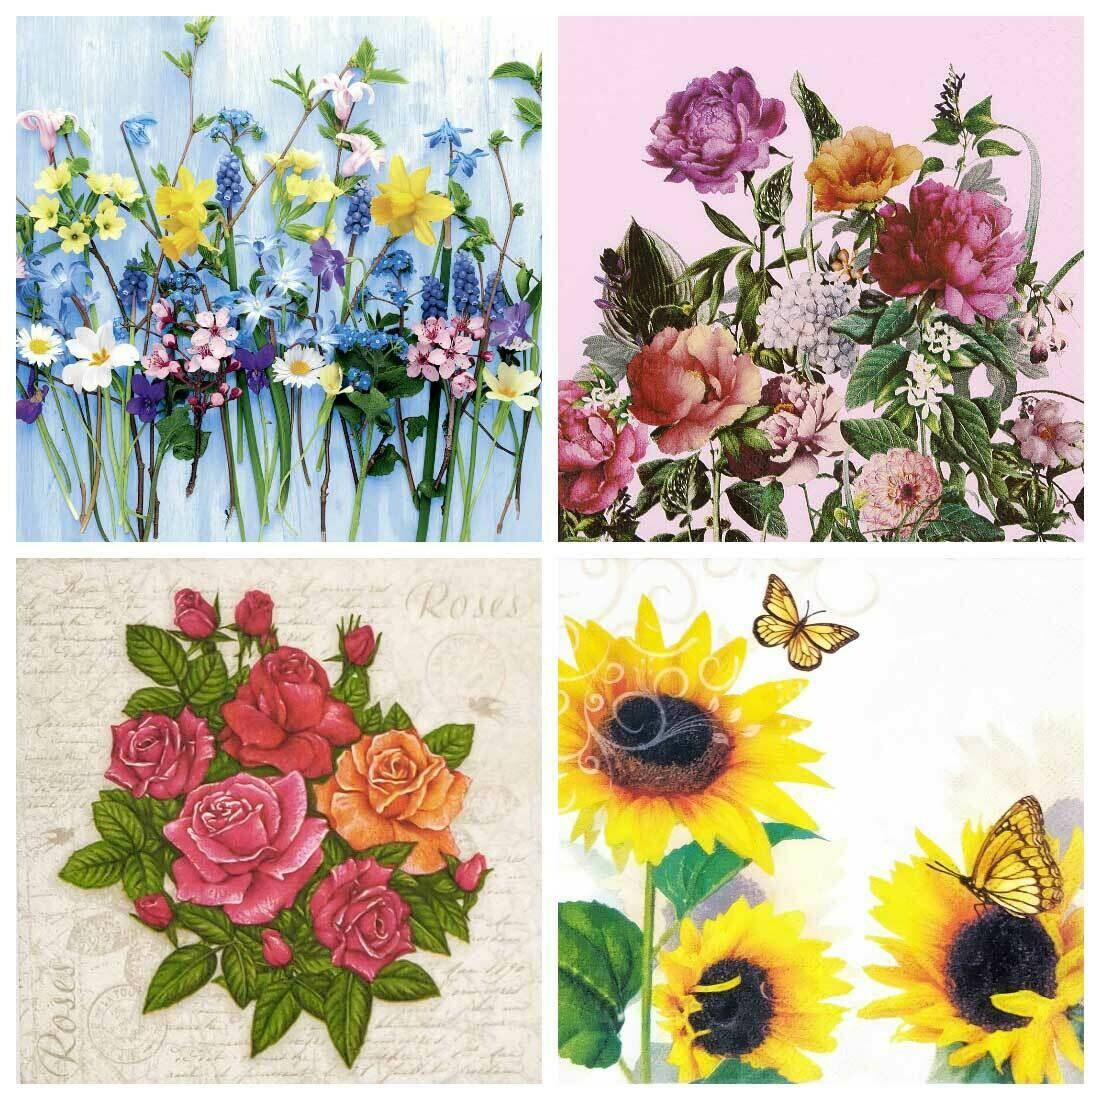 Decoupage Paper Napkins - Floral 22 13x13 (4 Sheets)